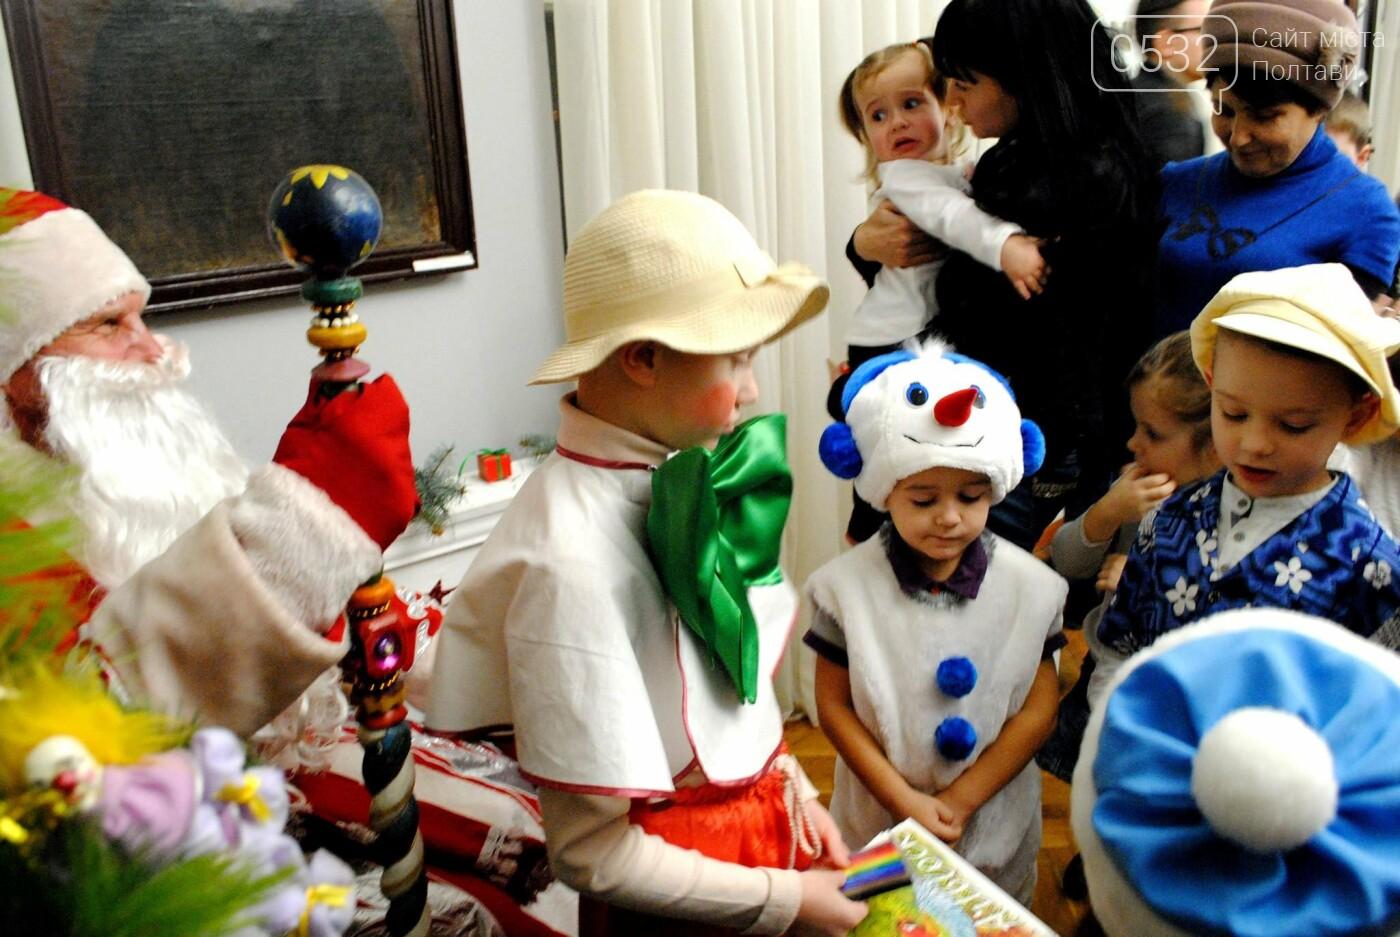 Як відзначають Міжнародний день музеїв у Полтаві: полтавка про роботу в музеї В.Г. Короленка , фото-1